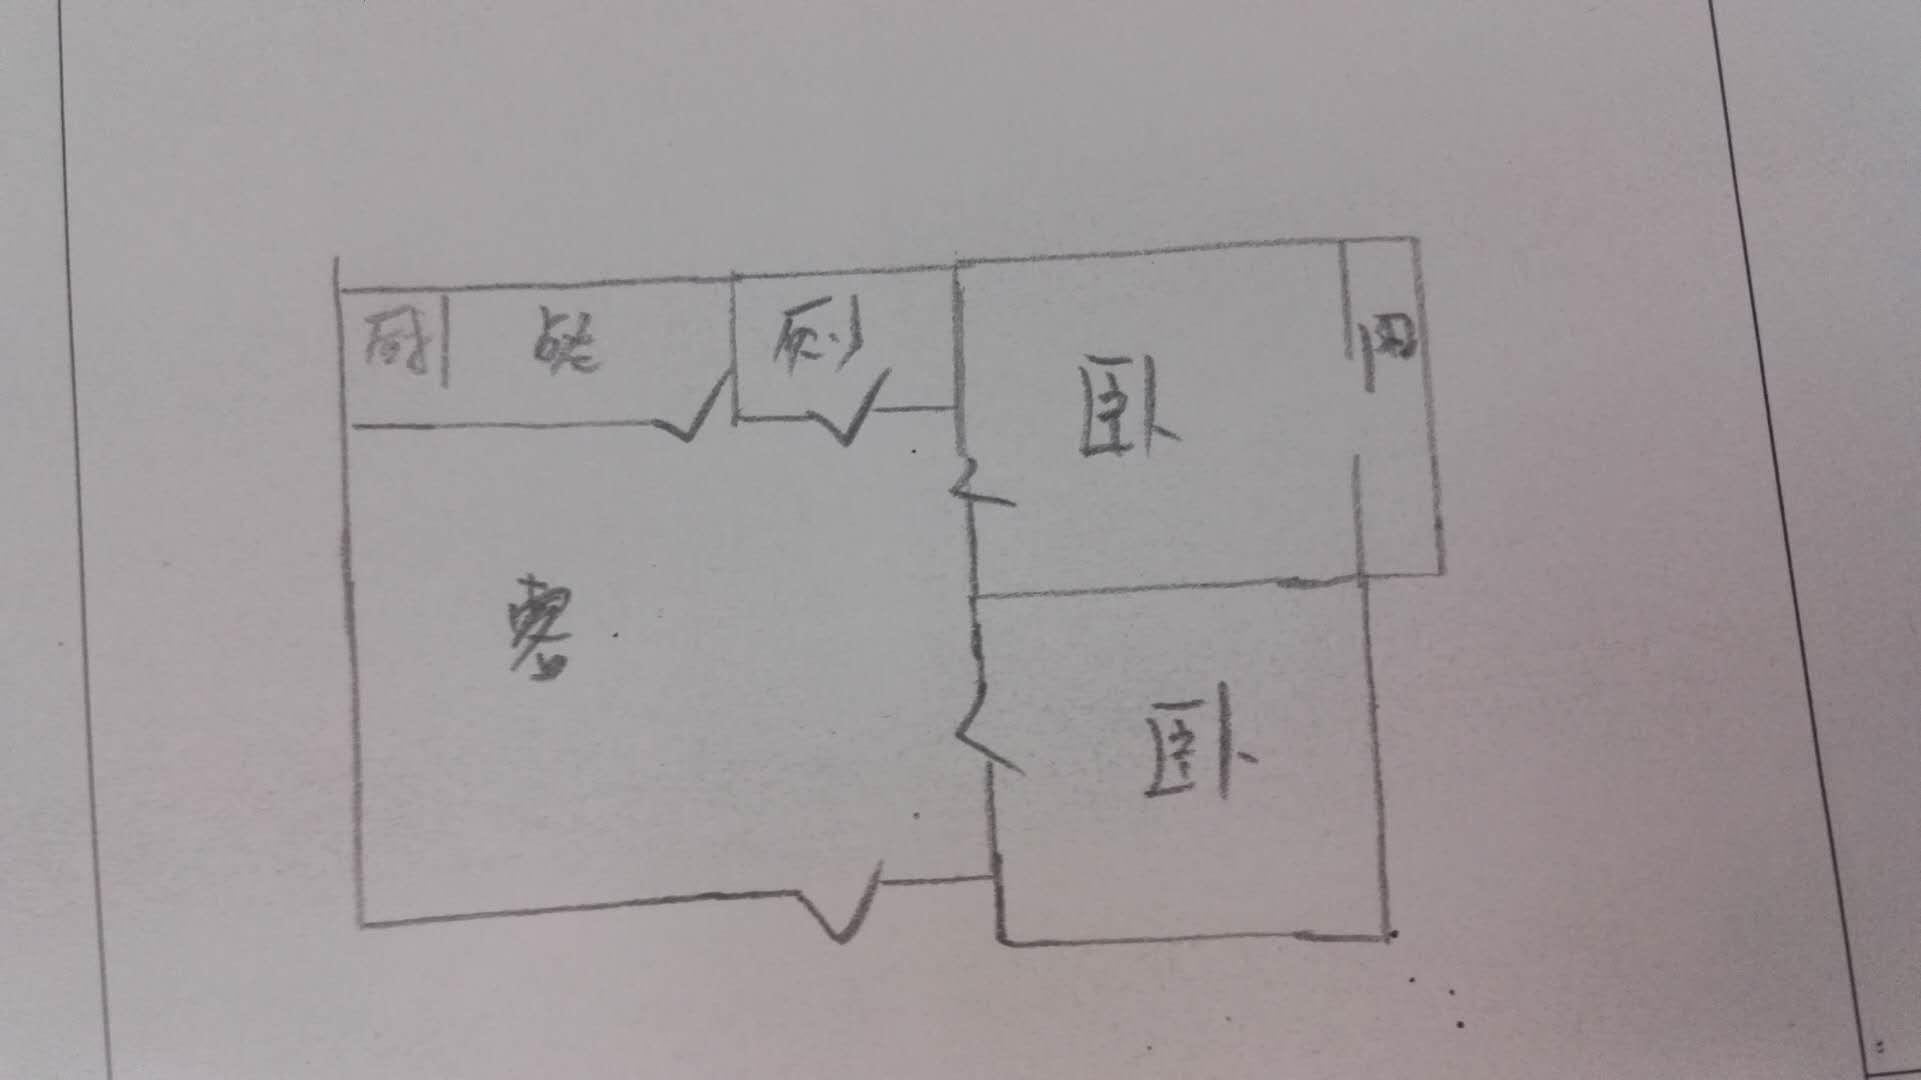 十三局宿舍东区 2室2厅 6楼